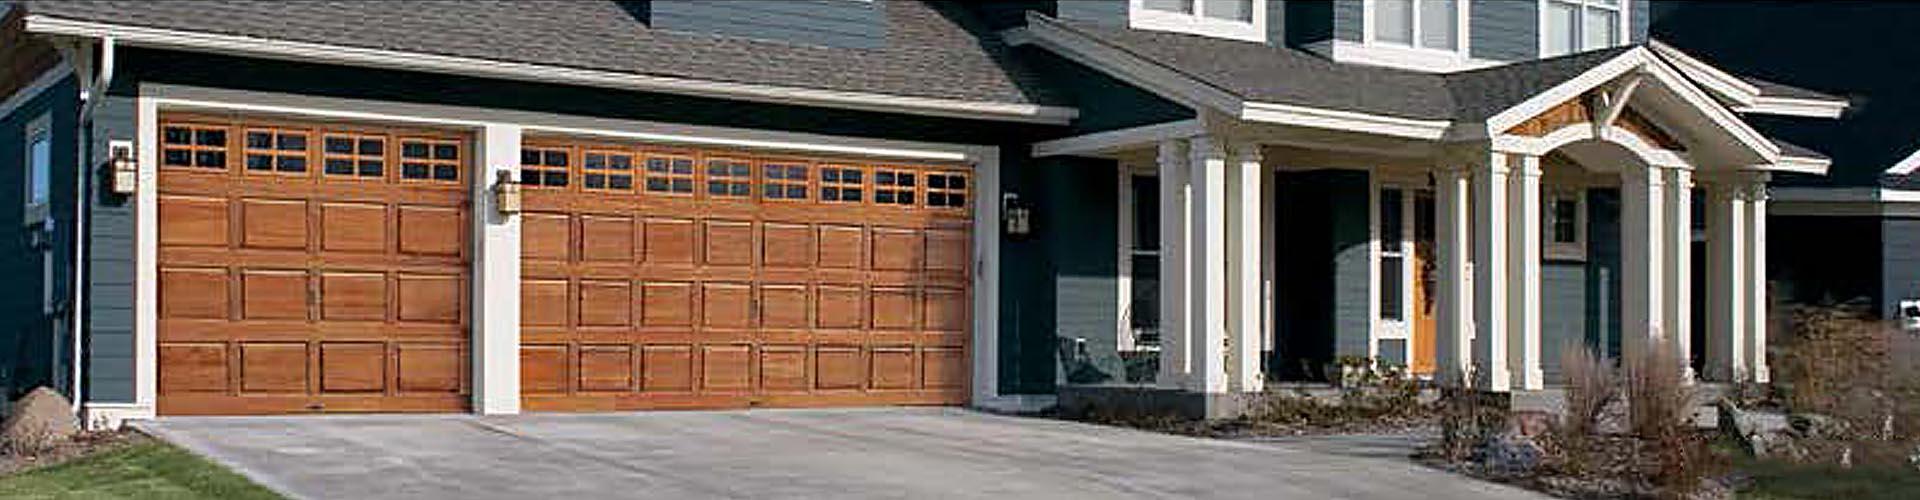 Garage Doors, Overhead Garage Door, Edmond, OKC, Oklahoma City